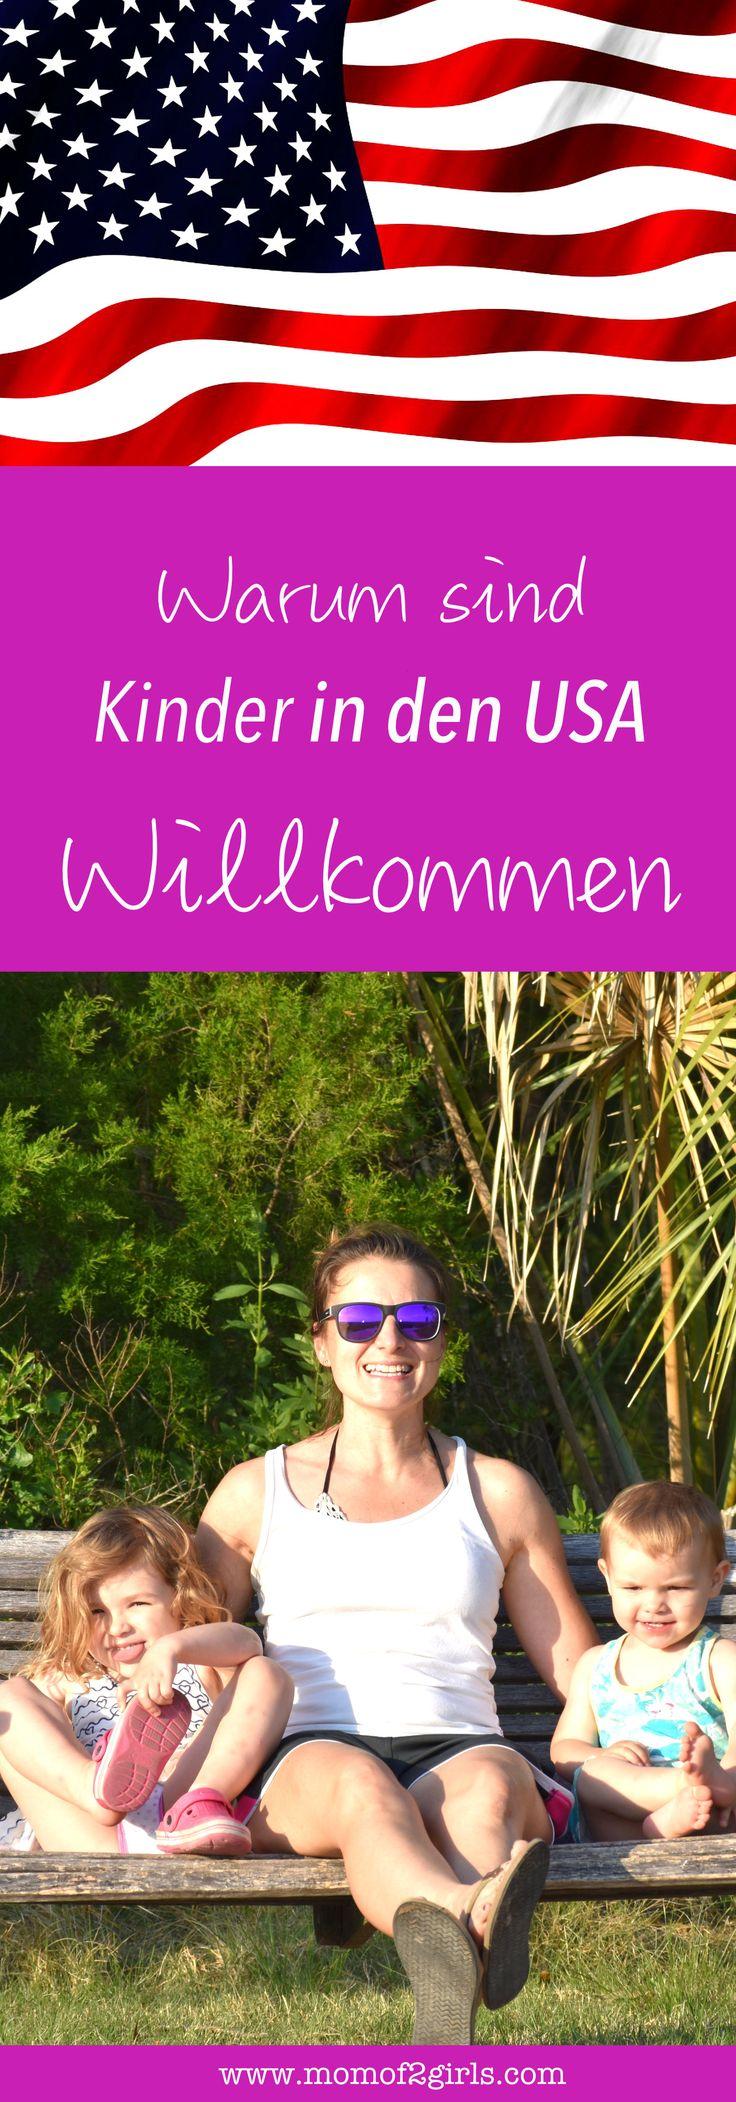 """Warum gibt es in den USA so viele Kinder und warum nicht in Deutschland?"""" Staatliche Unterstützung scheint uns nicht dazu zu bewegen mehr Kinder in die Welt zu setzen. Aber an was liegt es dann. Meine Alltagsbeobachtungen in den USA zeigen, dass die positive Einstellung zu Kindern..."""